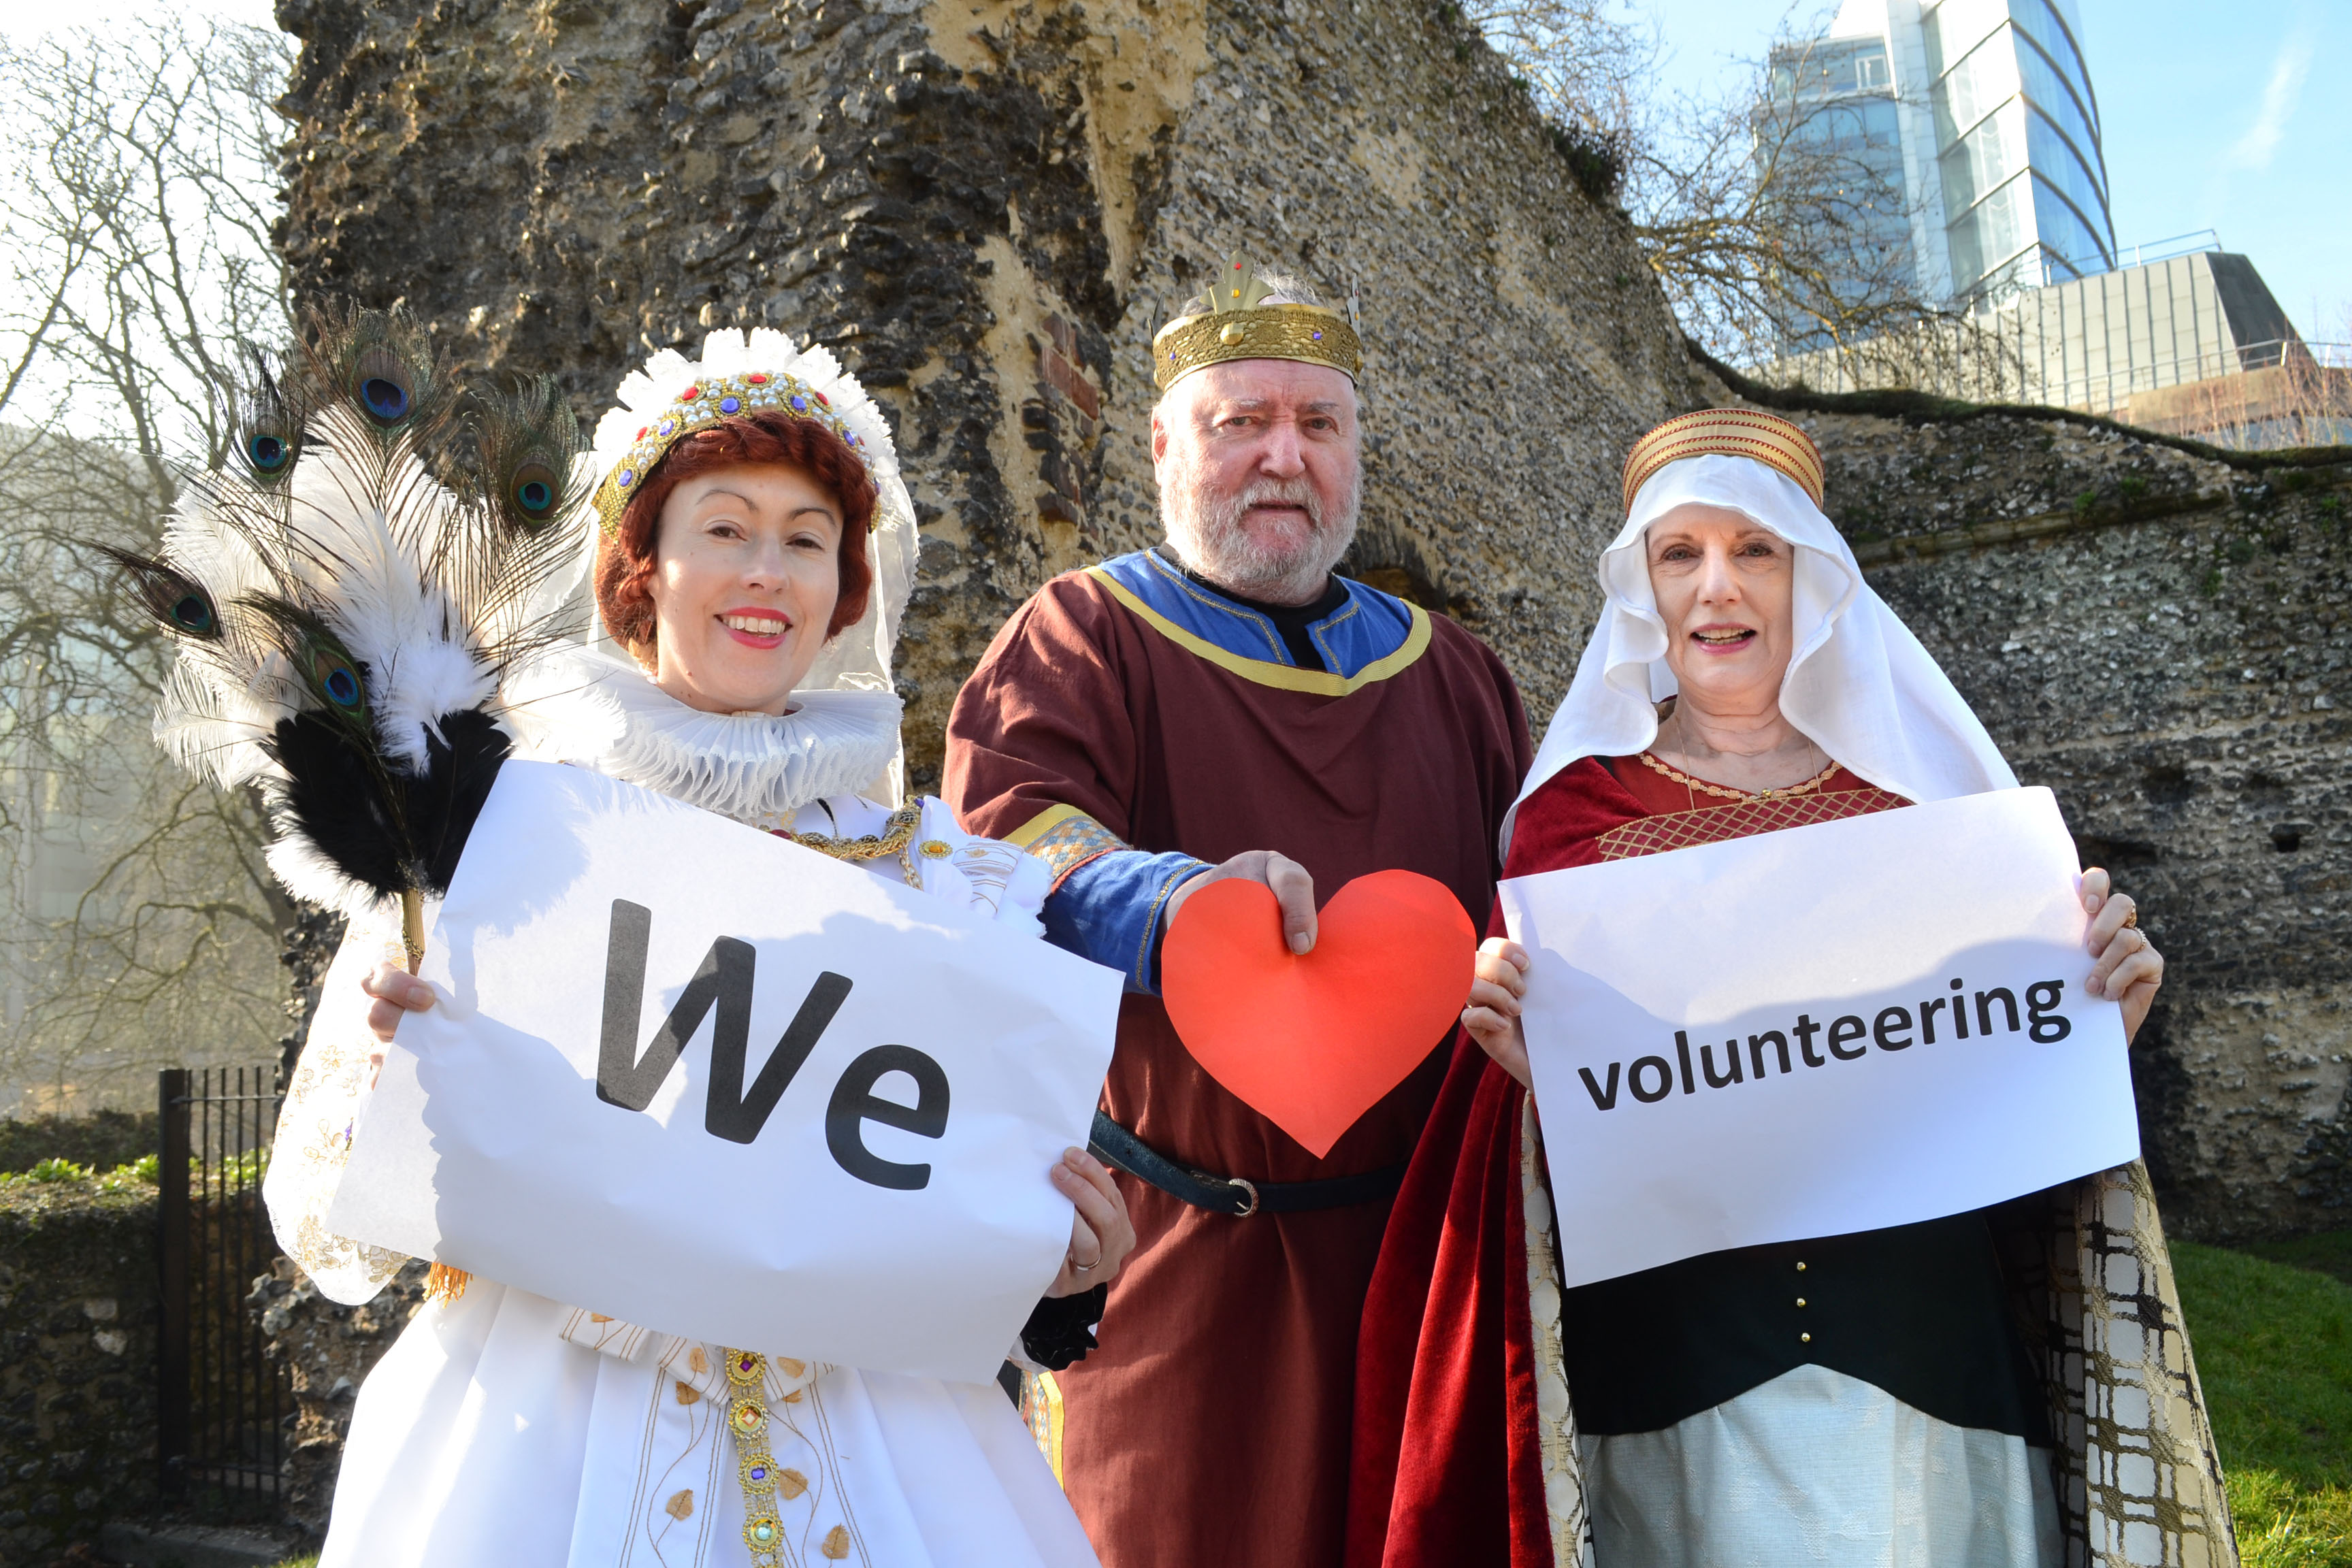 We heart Volunteering